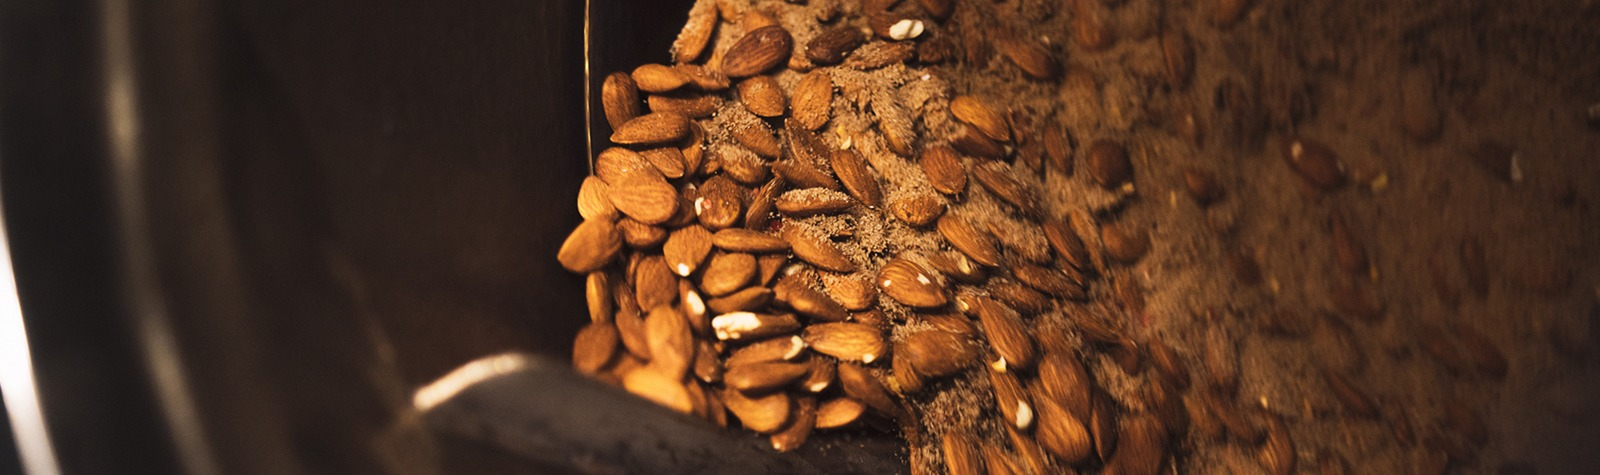 Los beneficios de los frutos secos tostados